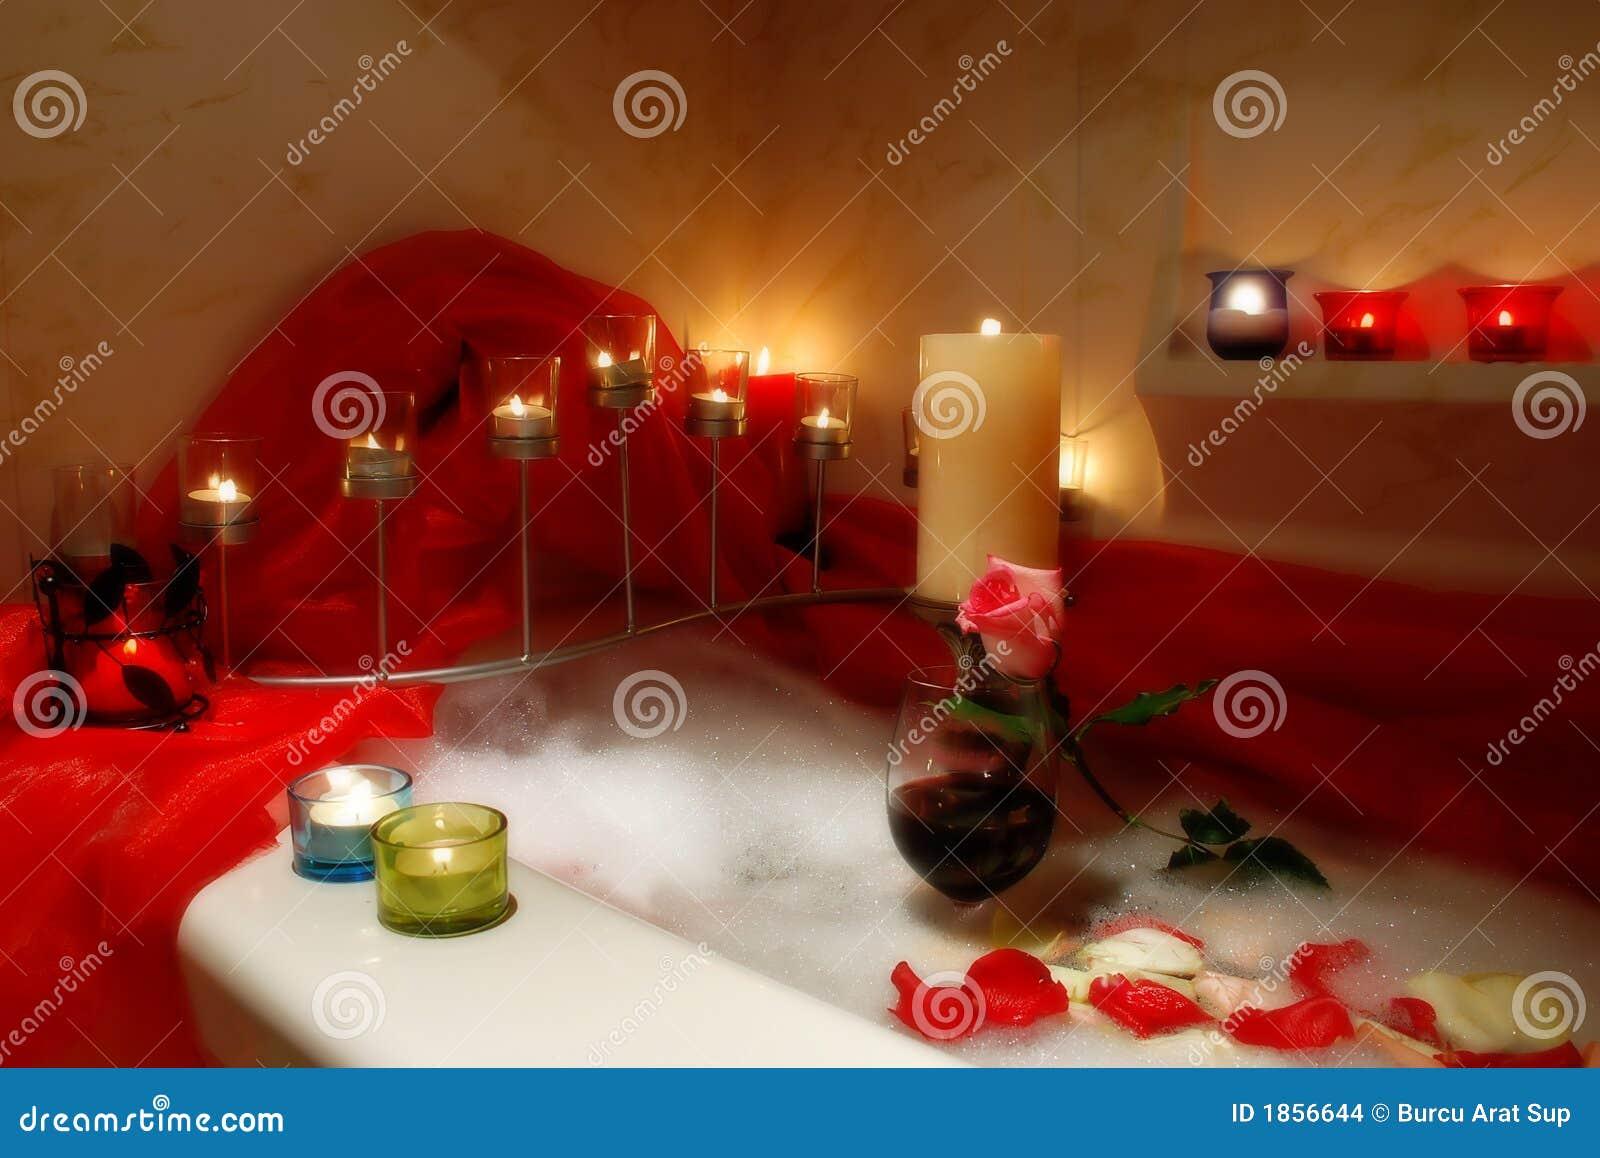 Bagno romantico fotografia stock immagine di massaggio - Bagno romantico ...